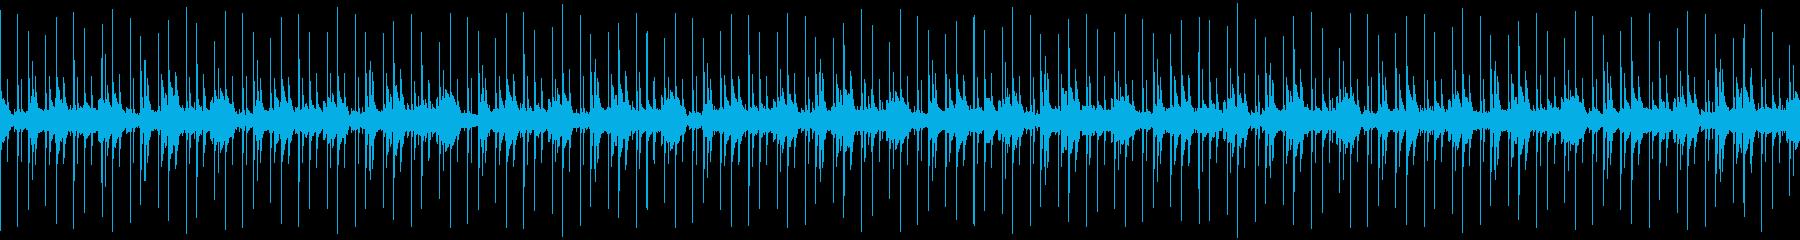 幻想的なlo-fiサウンドの再生済みの波形